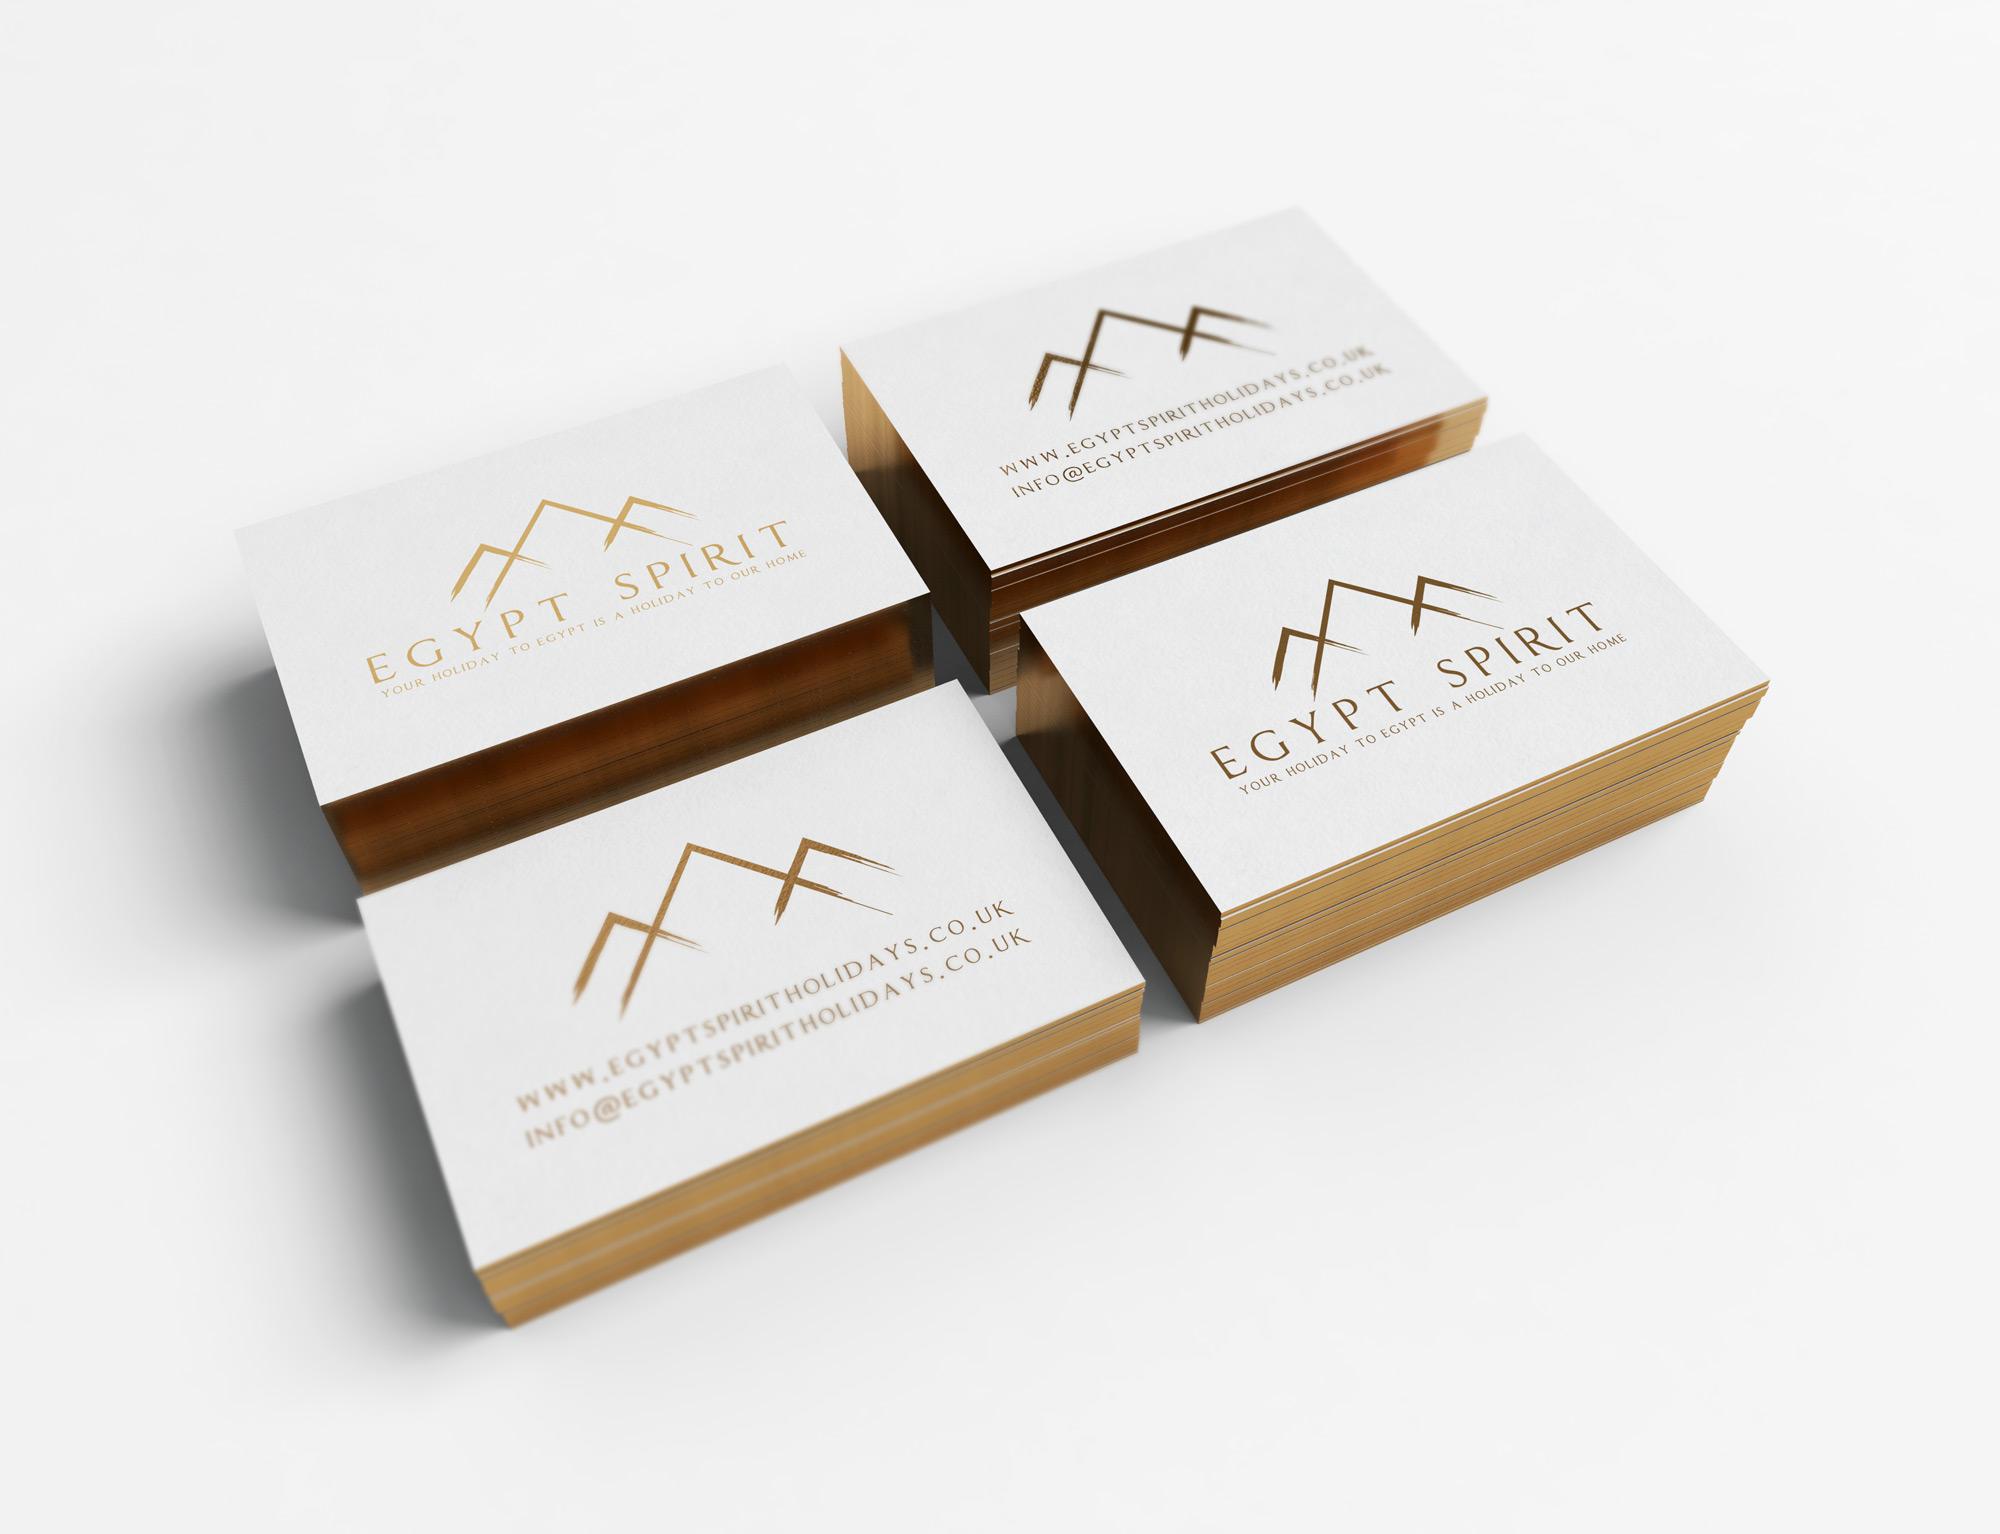 egypt-spirit-cards-gold